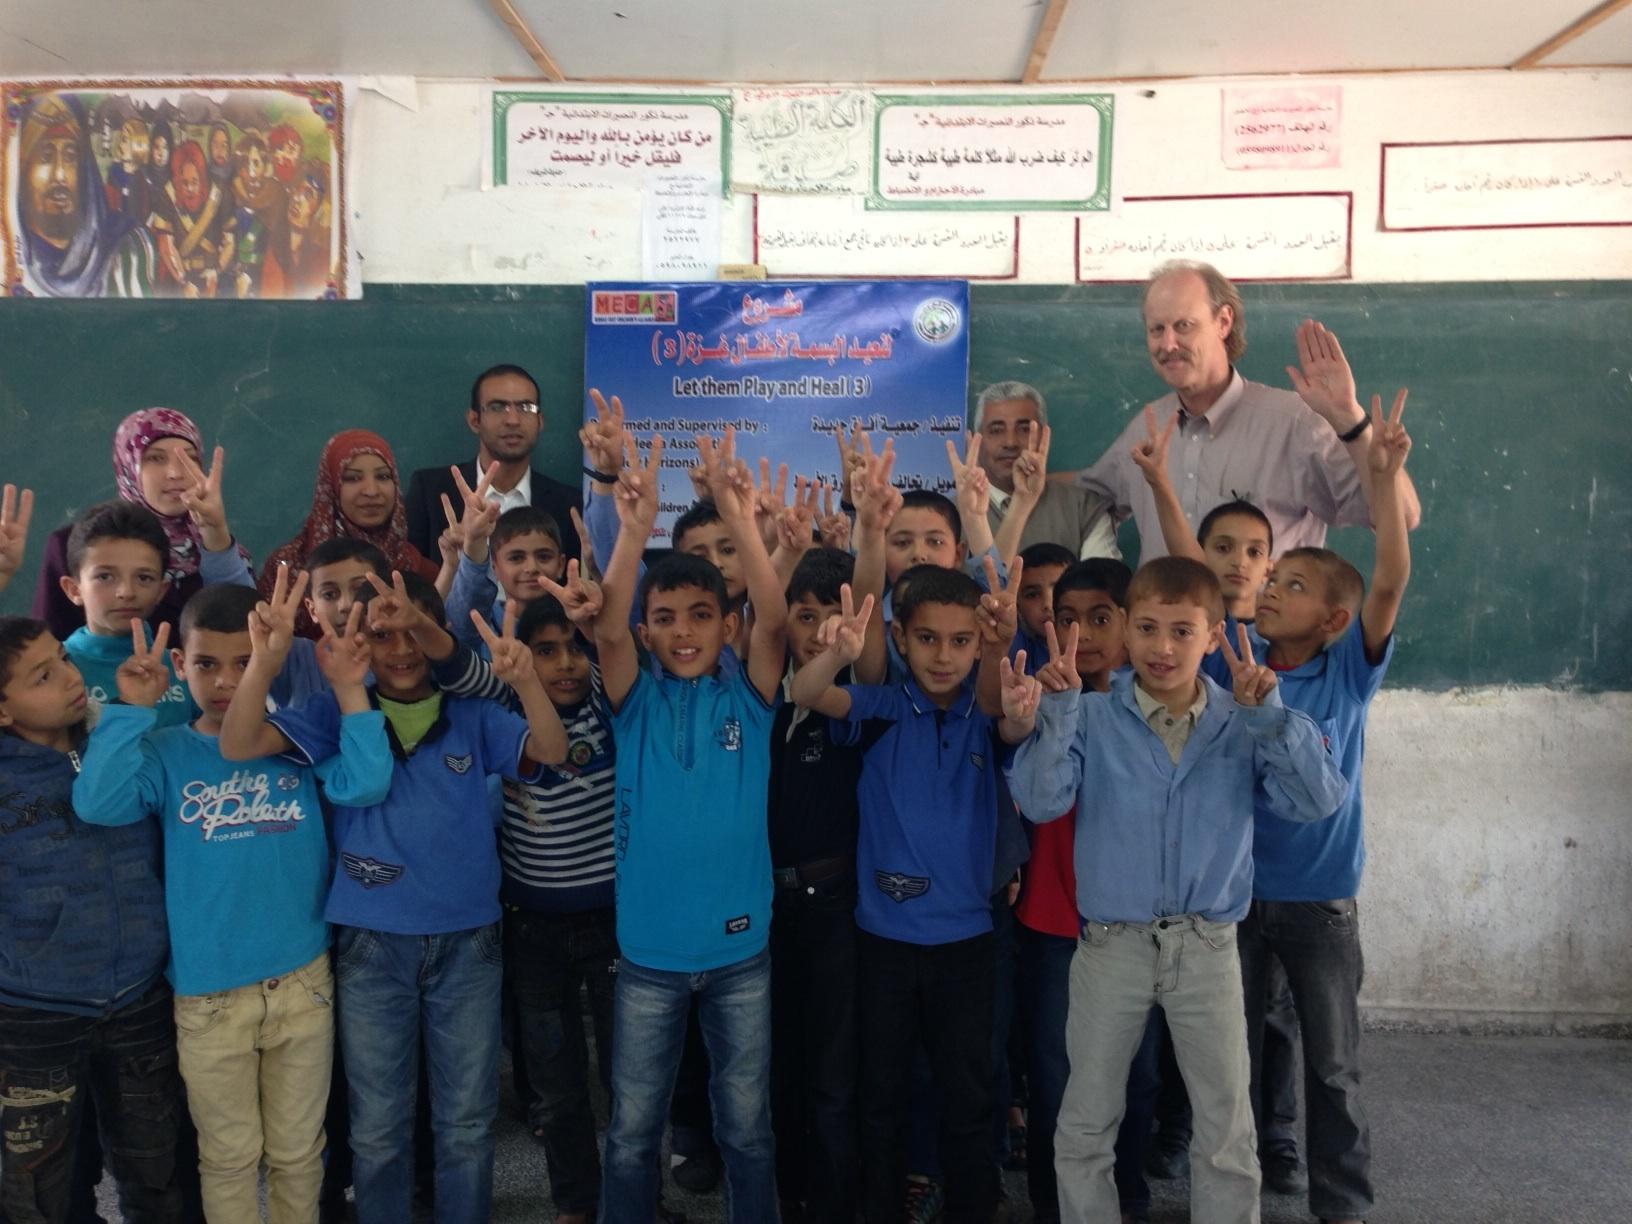 """Children in Afaq Jadeedah's """"Let the Children Play and Heal"""" Program"""